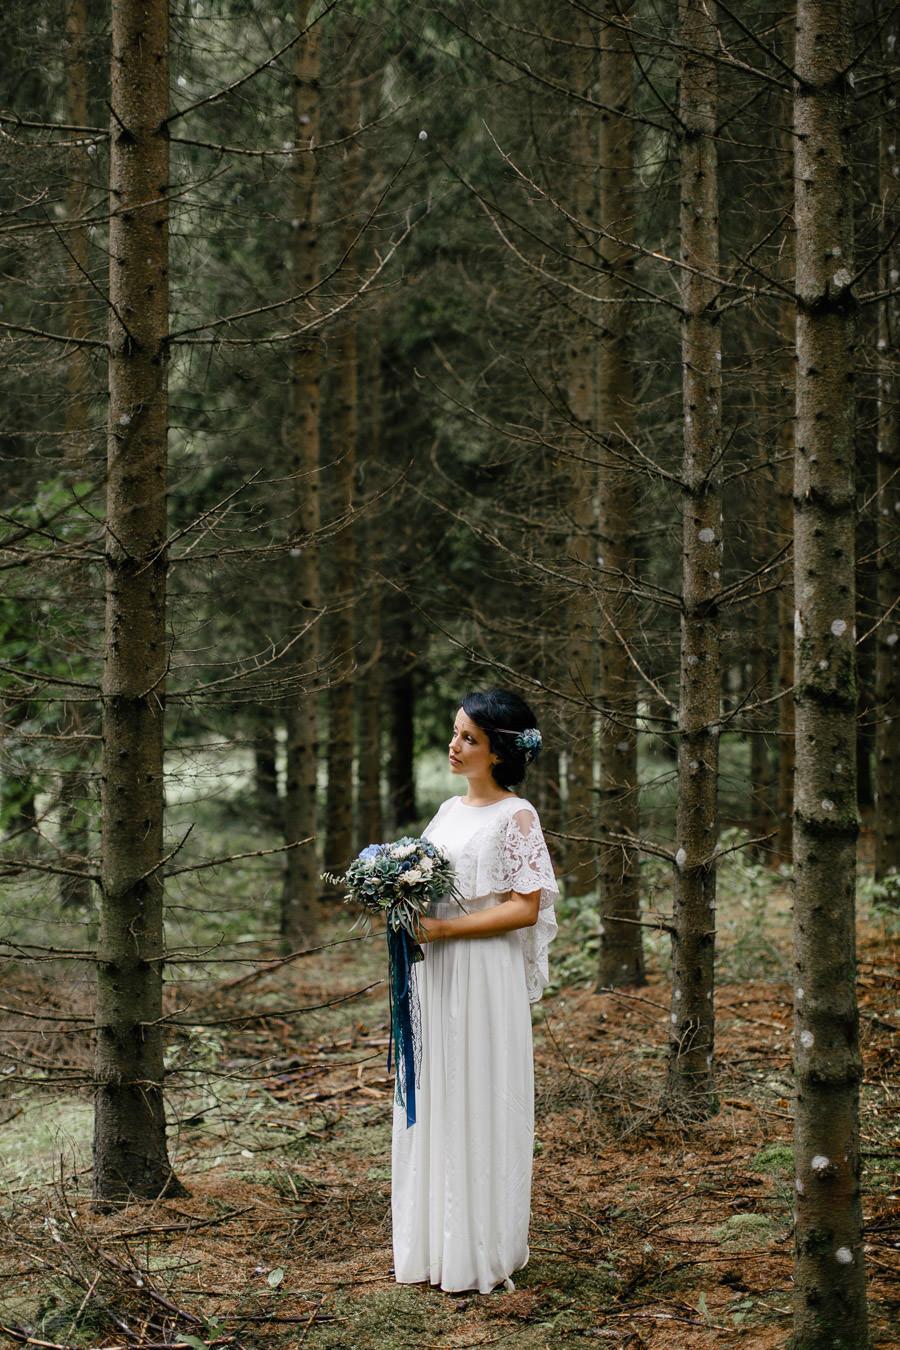 līgavas portrets mežs